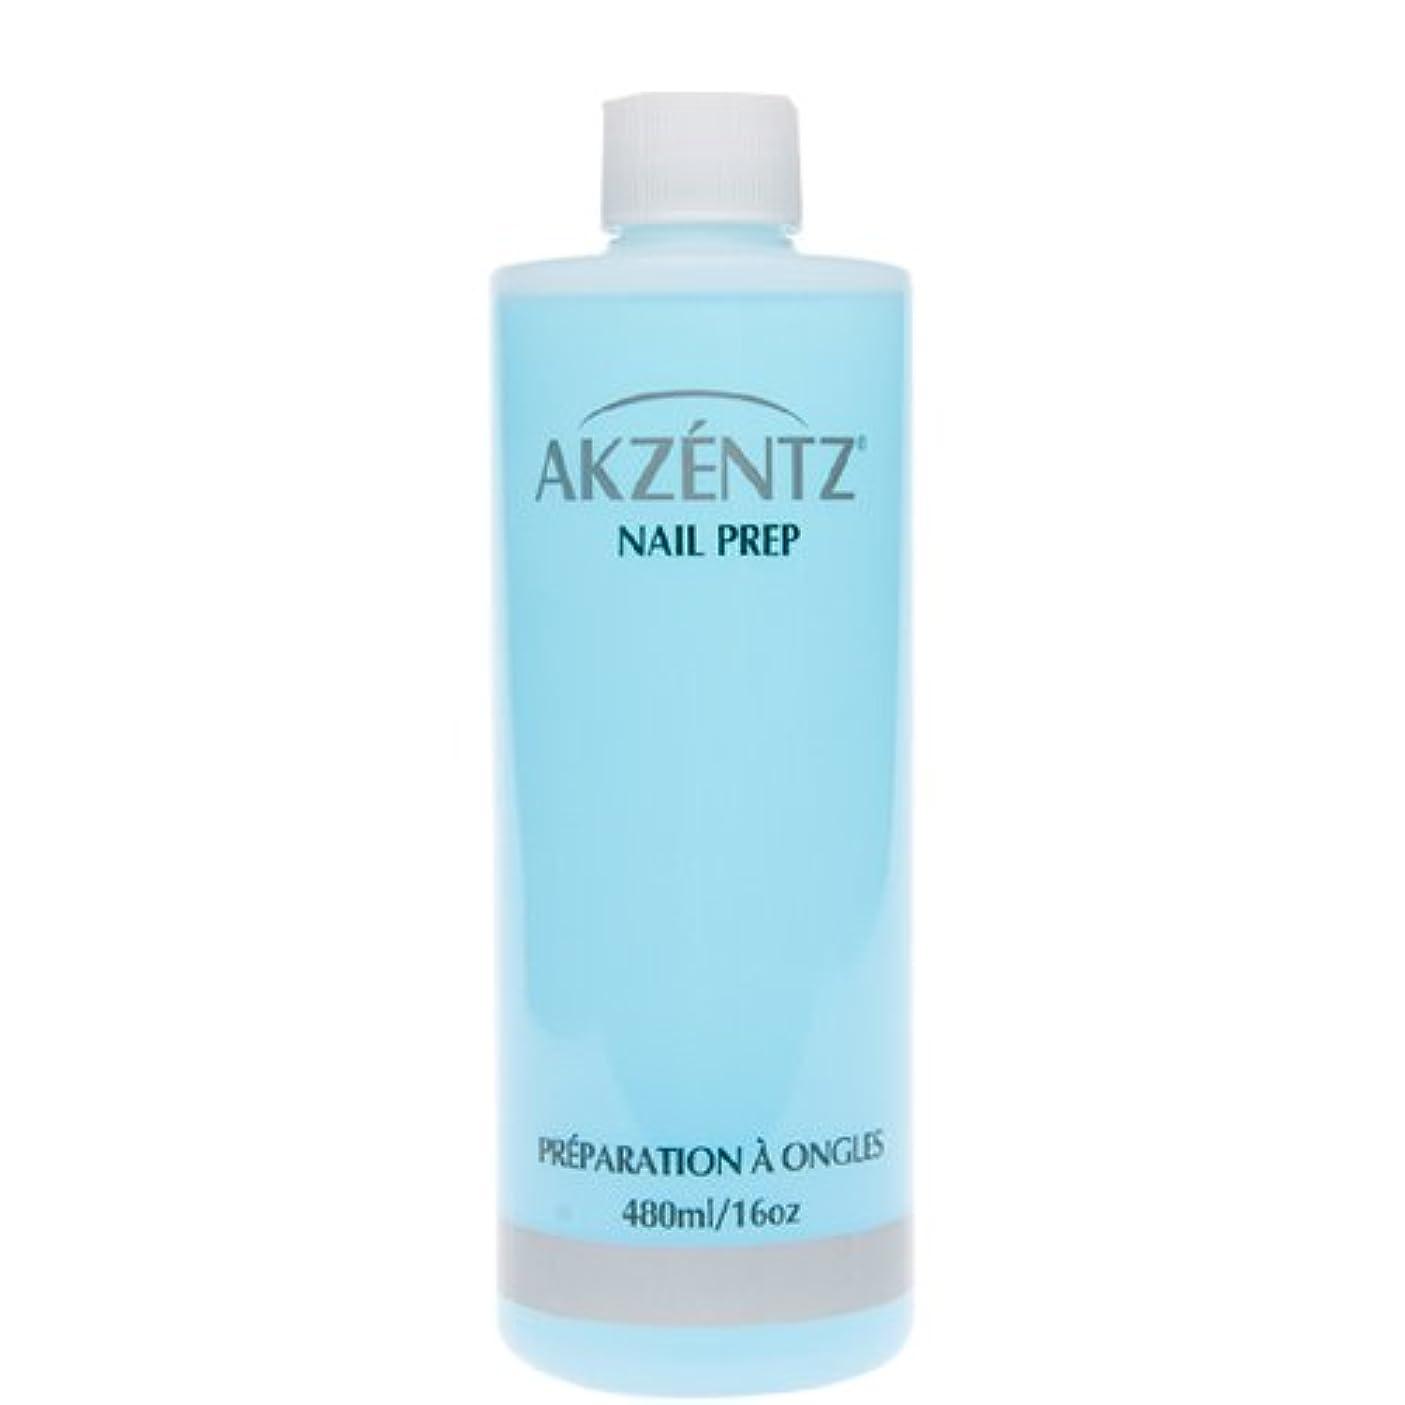 工業化するセレナほこりアクセンツ(AKZENTZ) ネイルプレップ 480ml